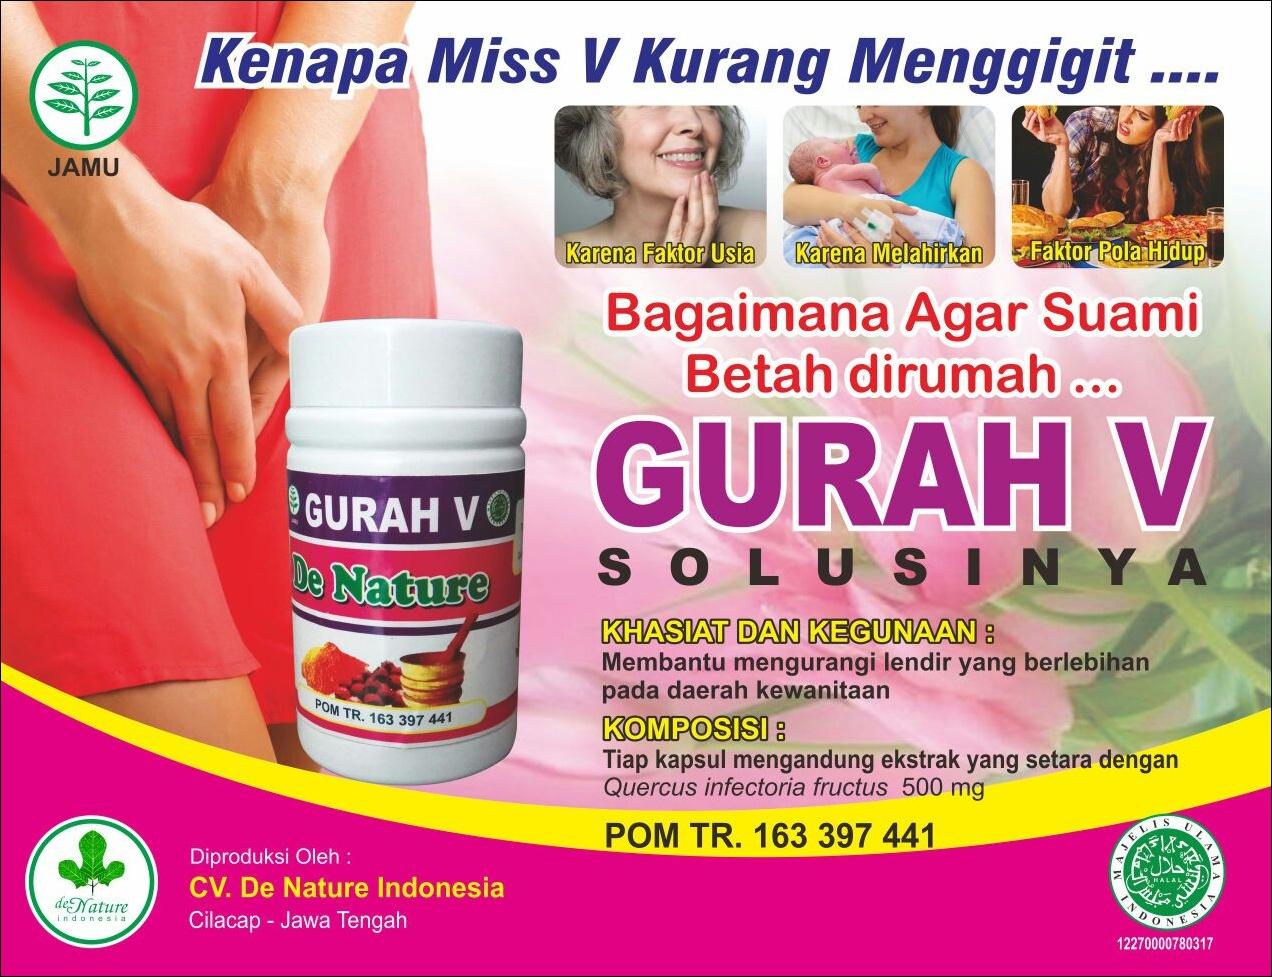 Obat Herbal De Nature Untuk Keputihan Berlebih Di Tasikmalaya. 081914906800